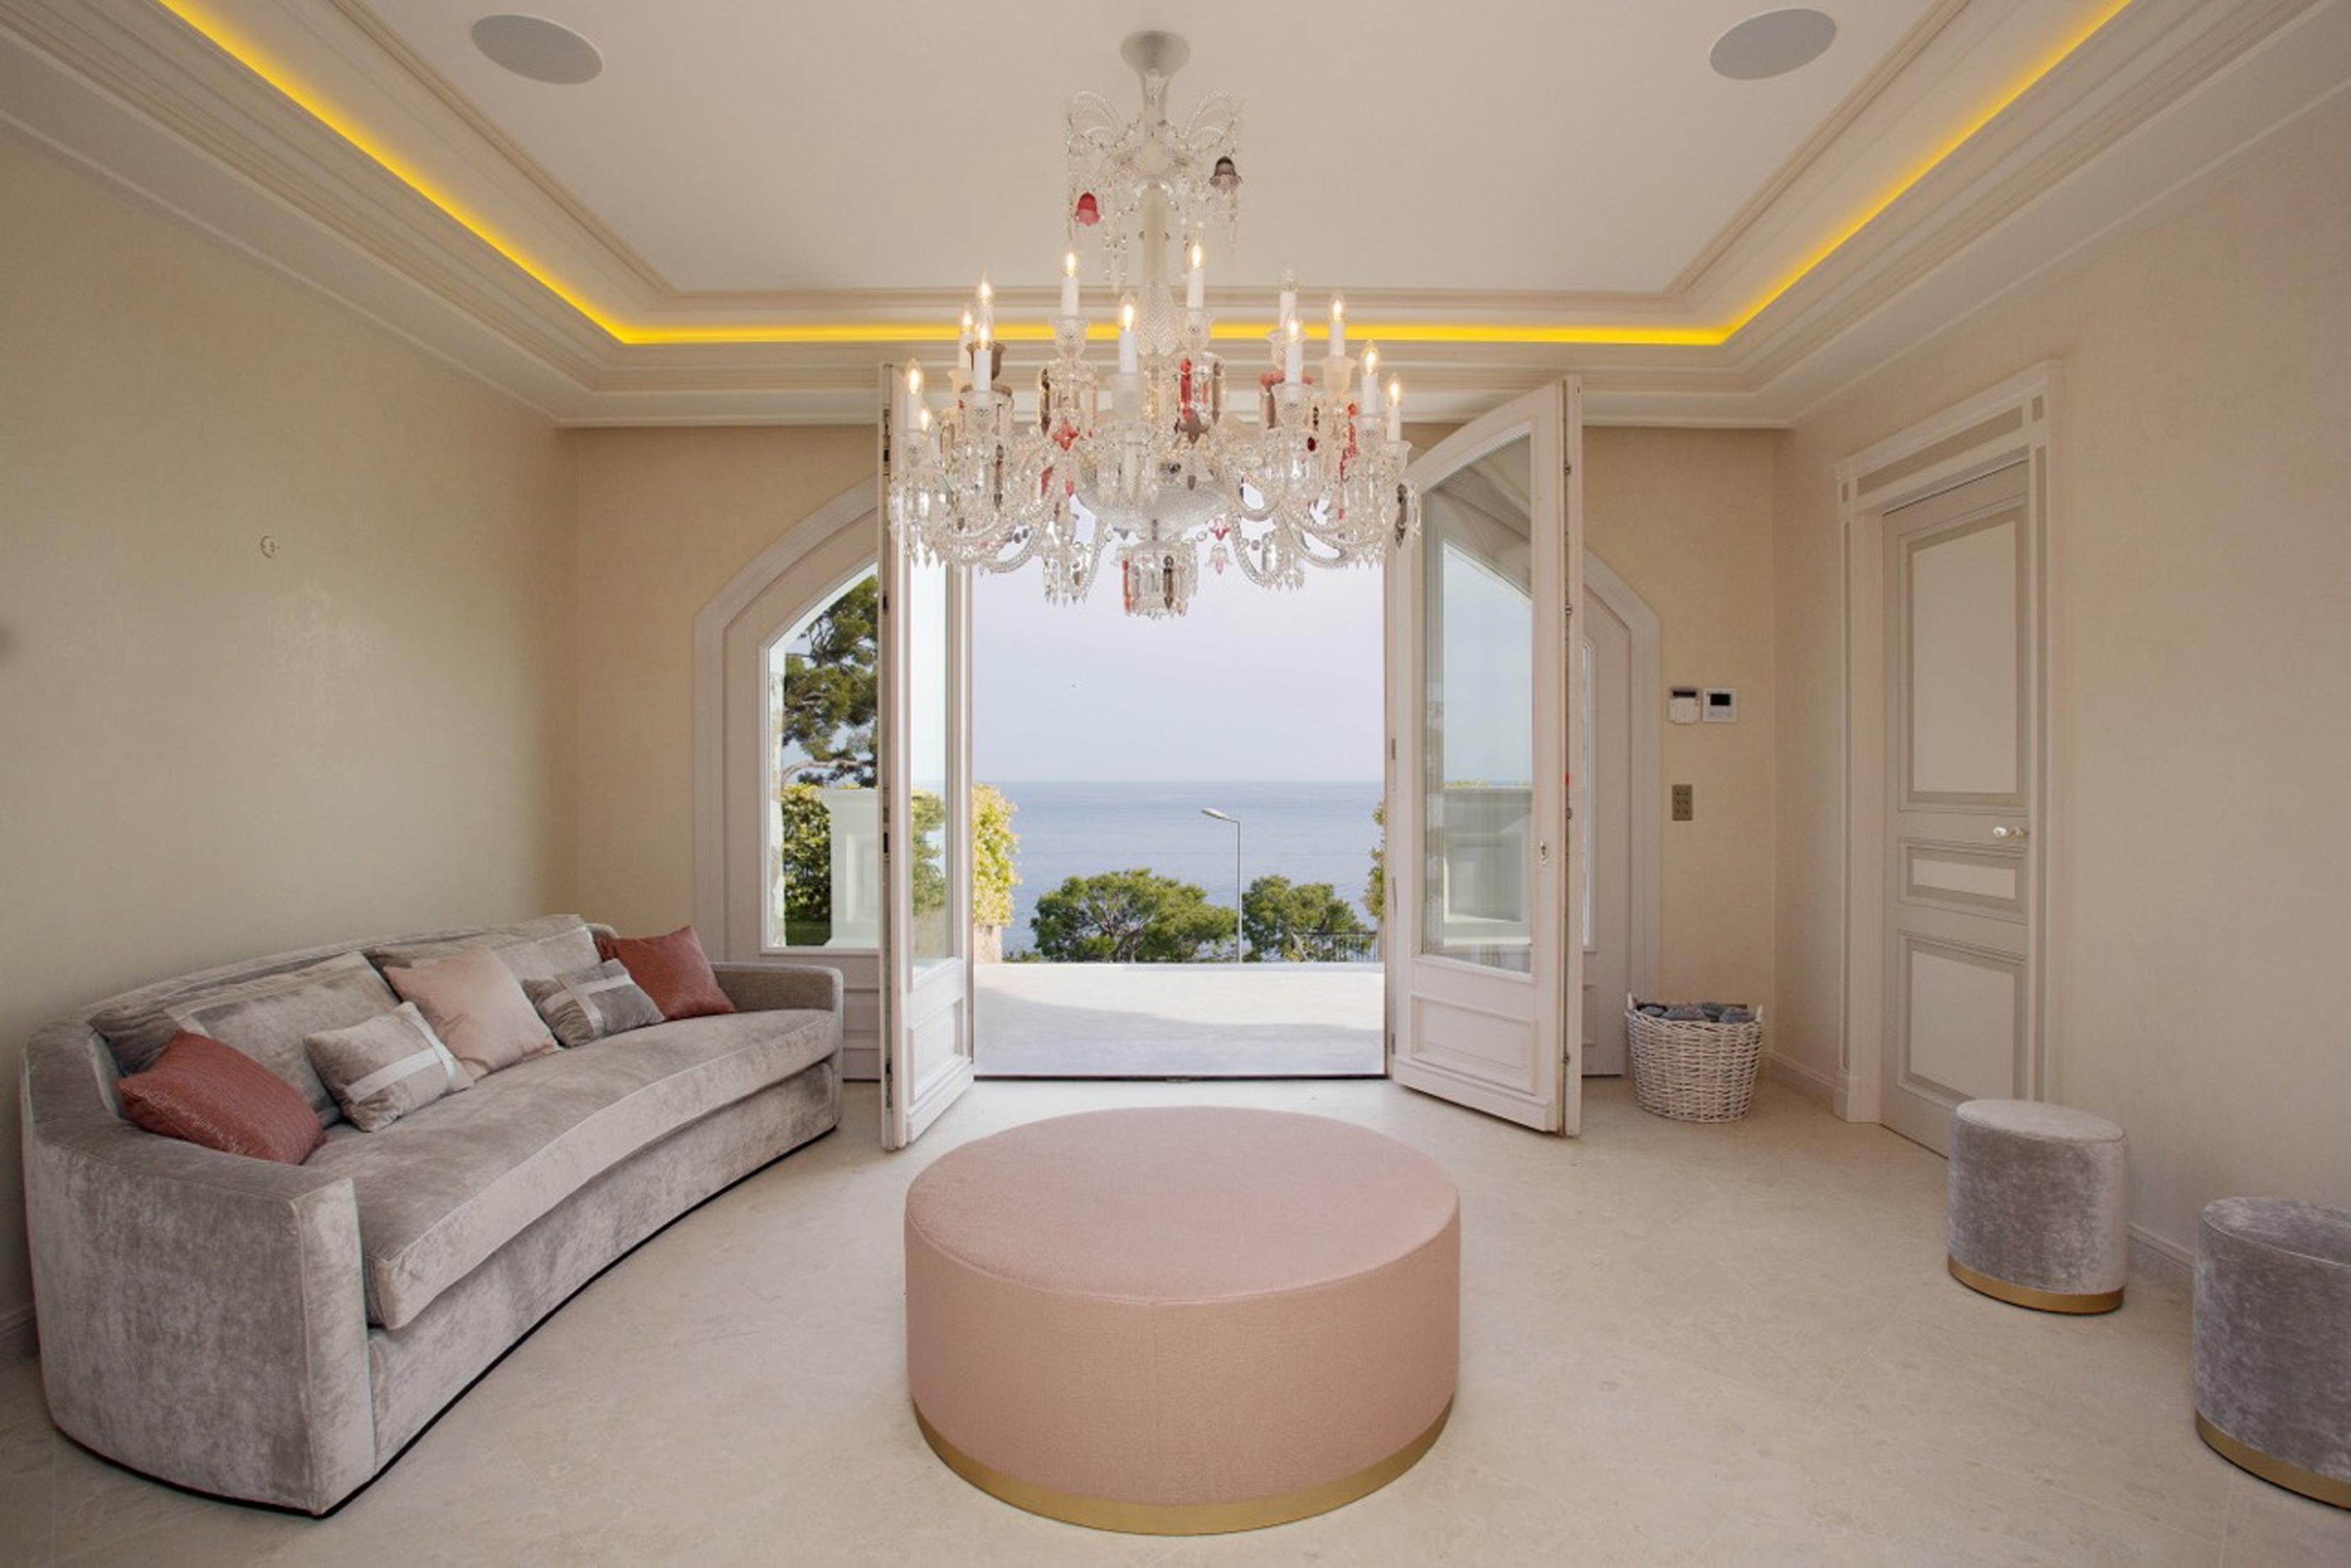 La villa è in vendita per 27 milioni di euro / Engel & Völkers